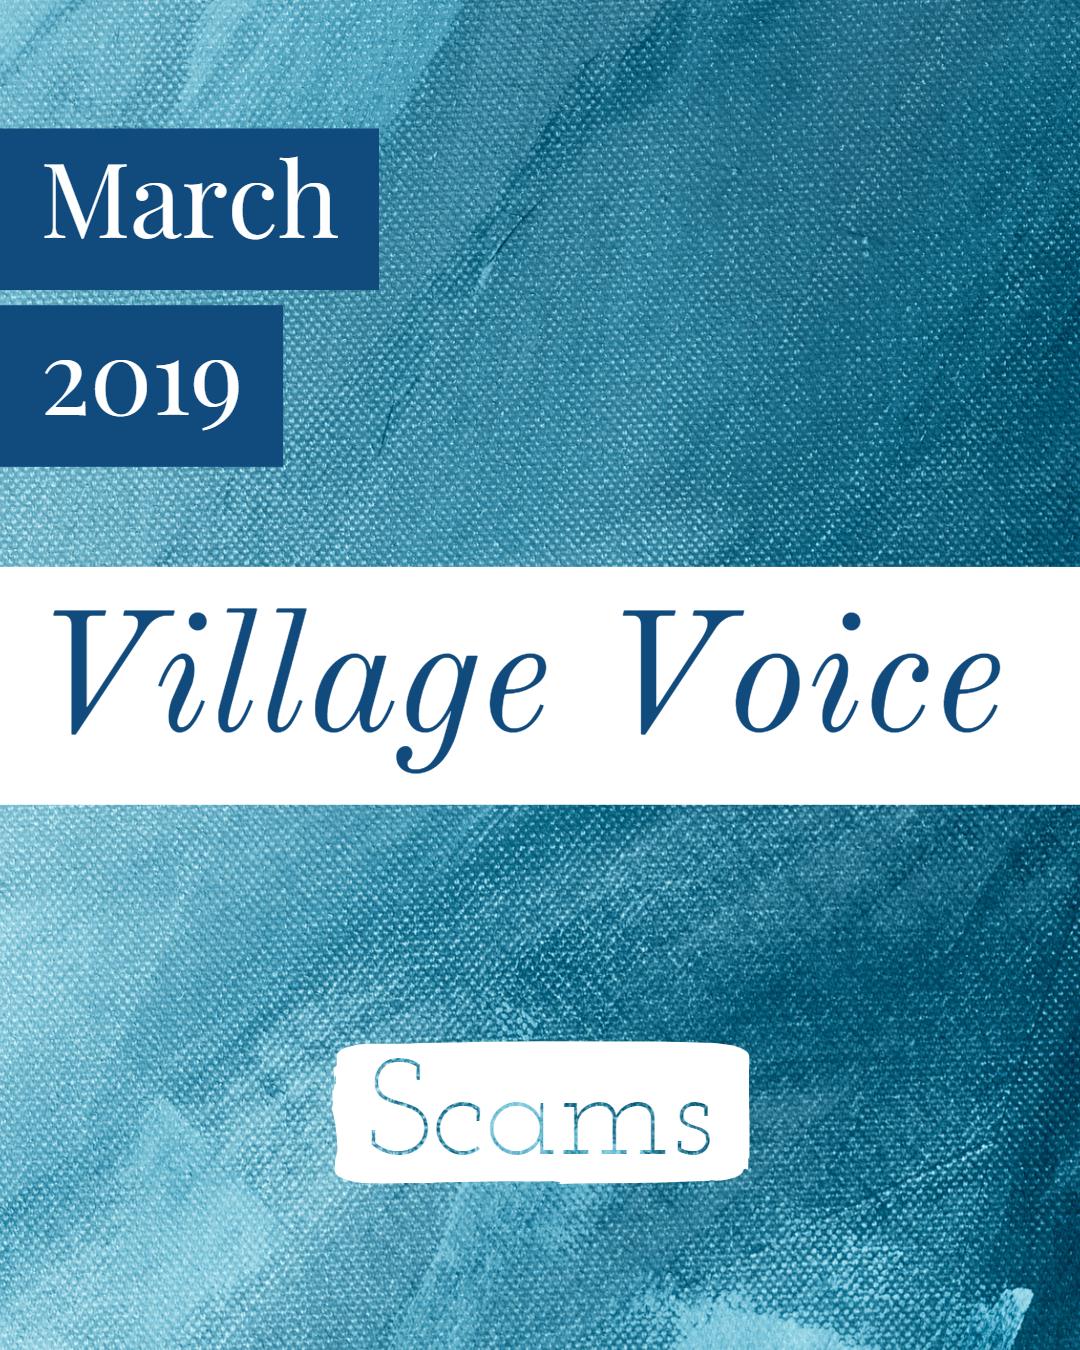 Village Voice: March 2019